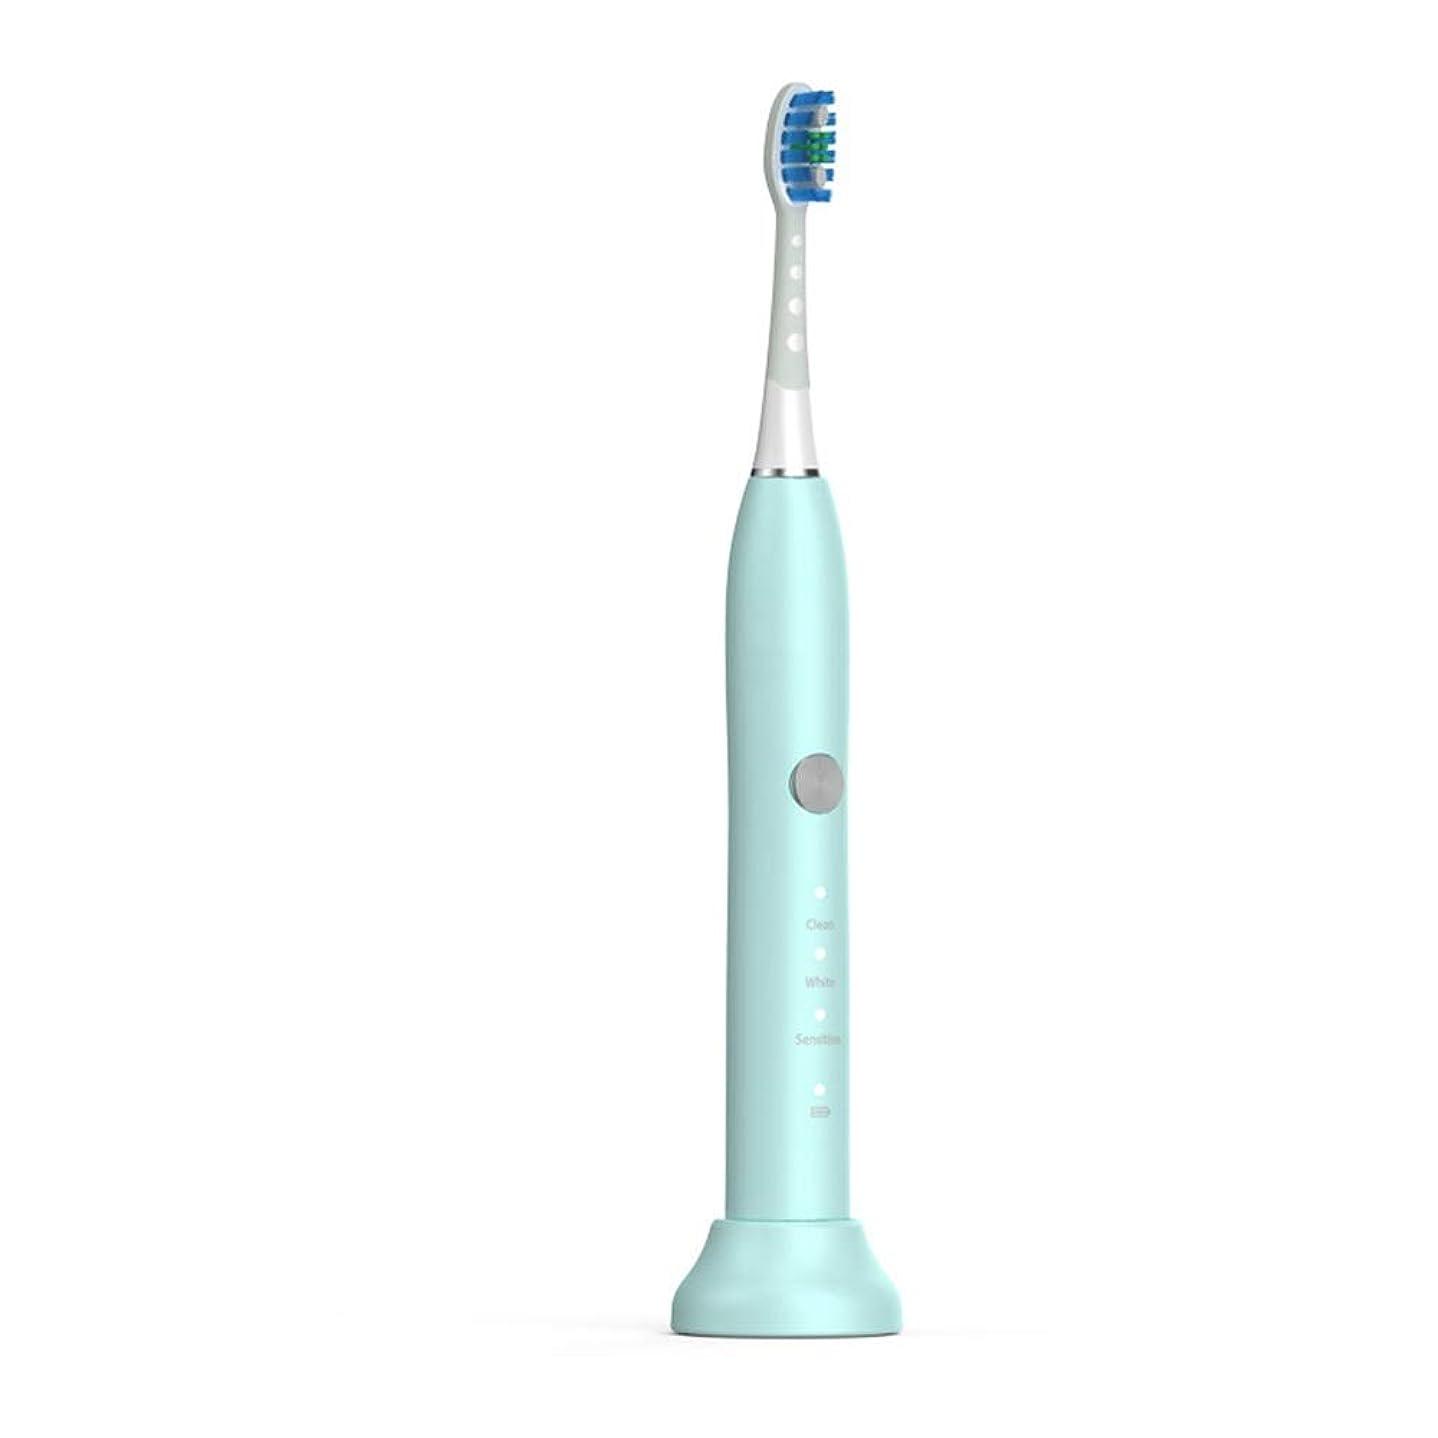 日類人猿溝電動歯ブラシ 毎日の使用のためのUSBの充満基盤のホールダーの柔らかい毛の保護きれいな歯ブラシが付いている電動歯ブラシ 大人と子供向け (色 : 緑, サイズ : Free size)